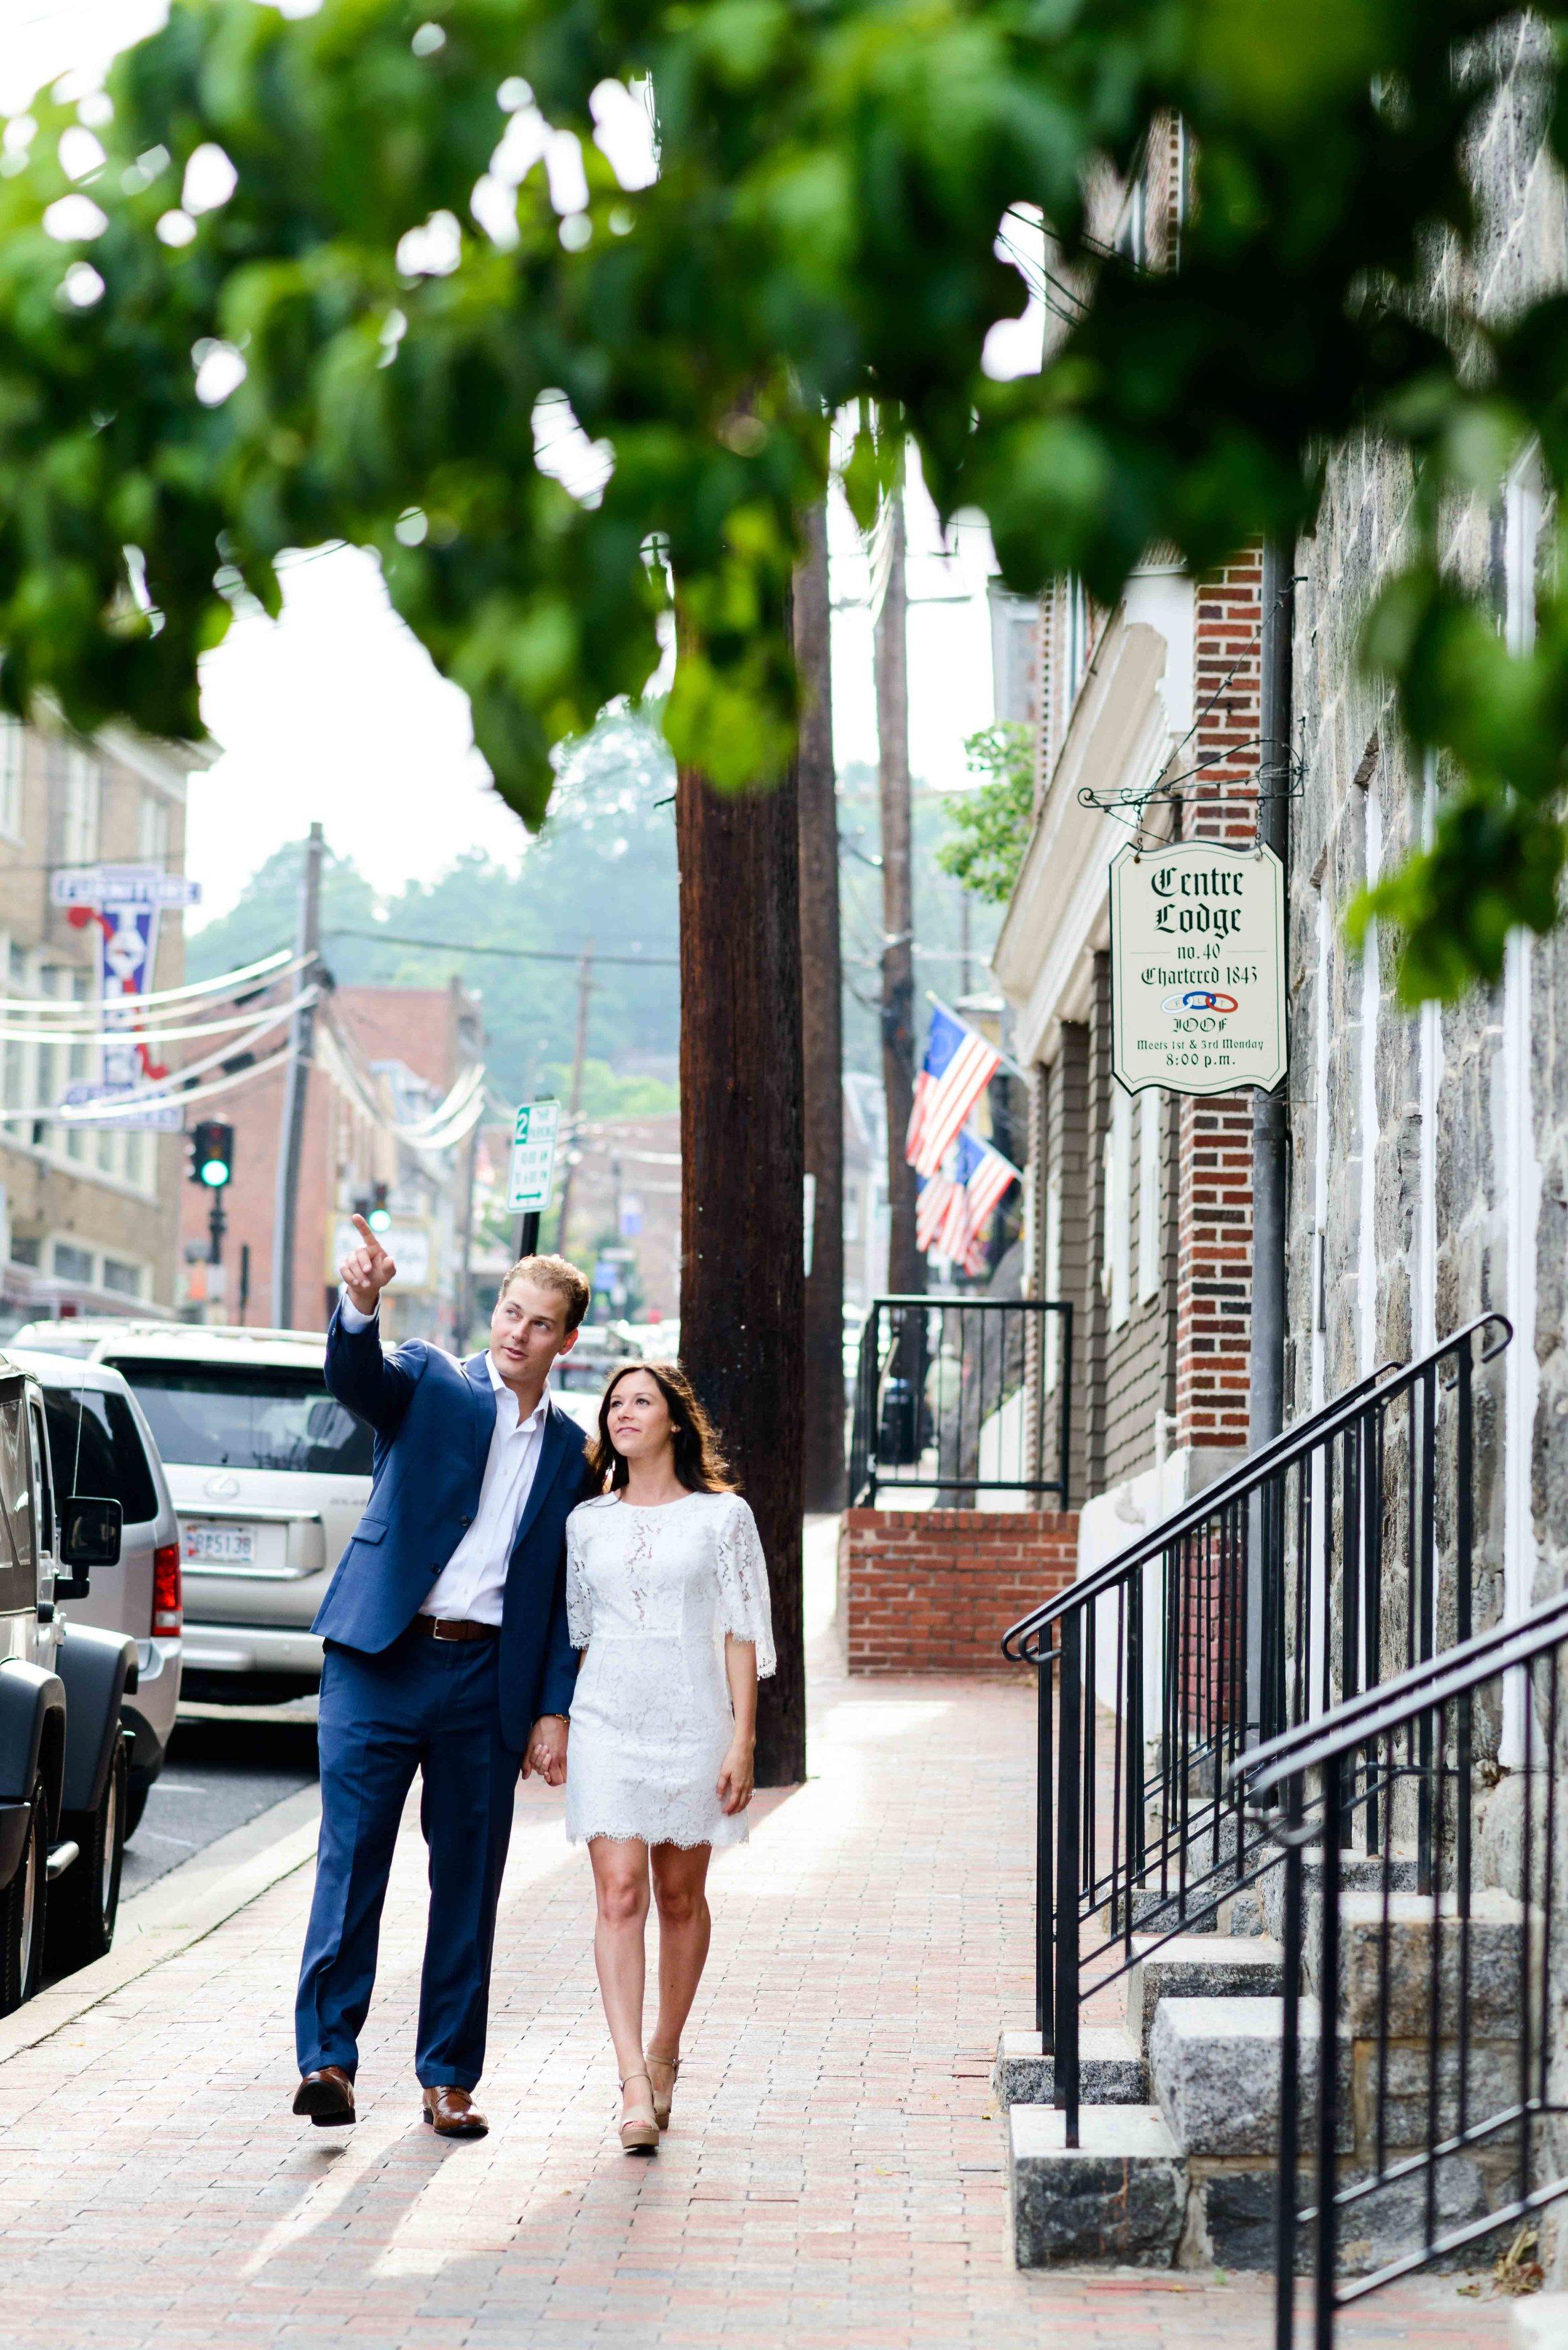 Amanda & Joe | Ellicott City, Maryland